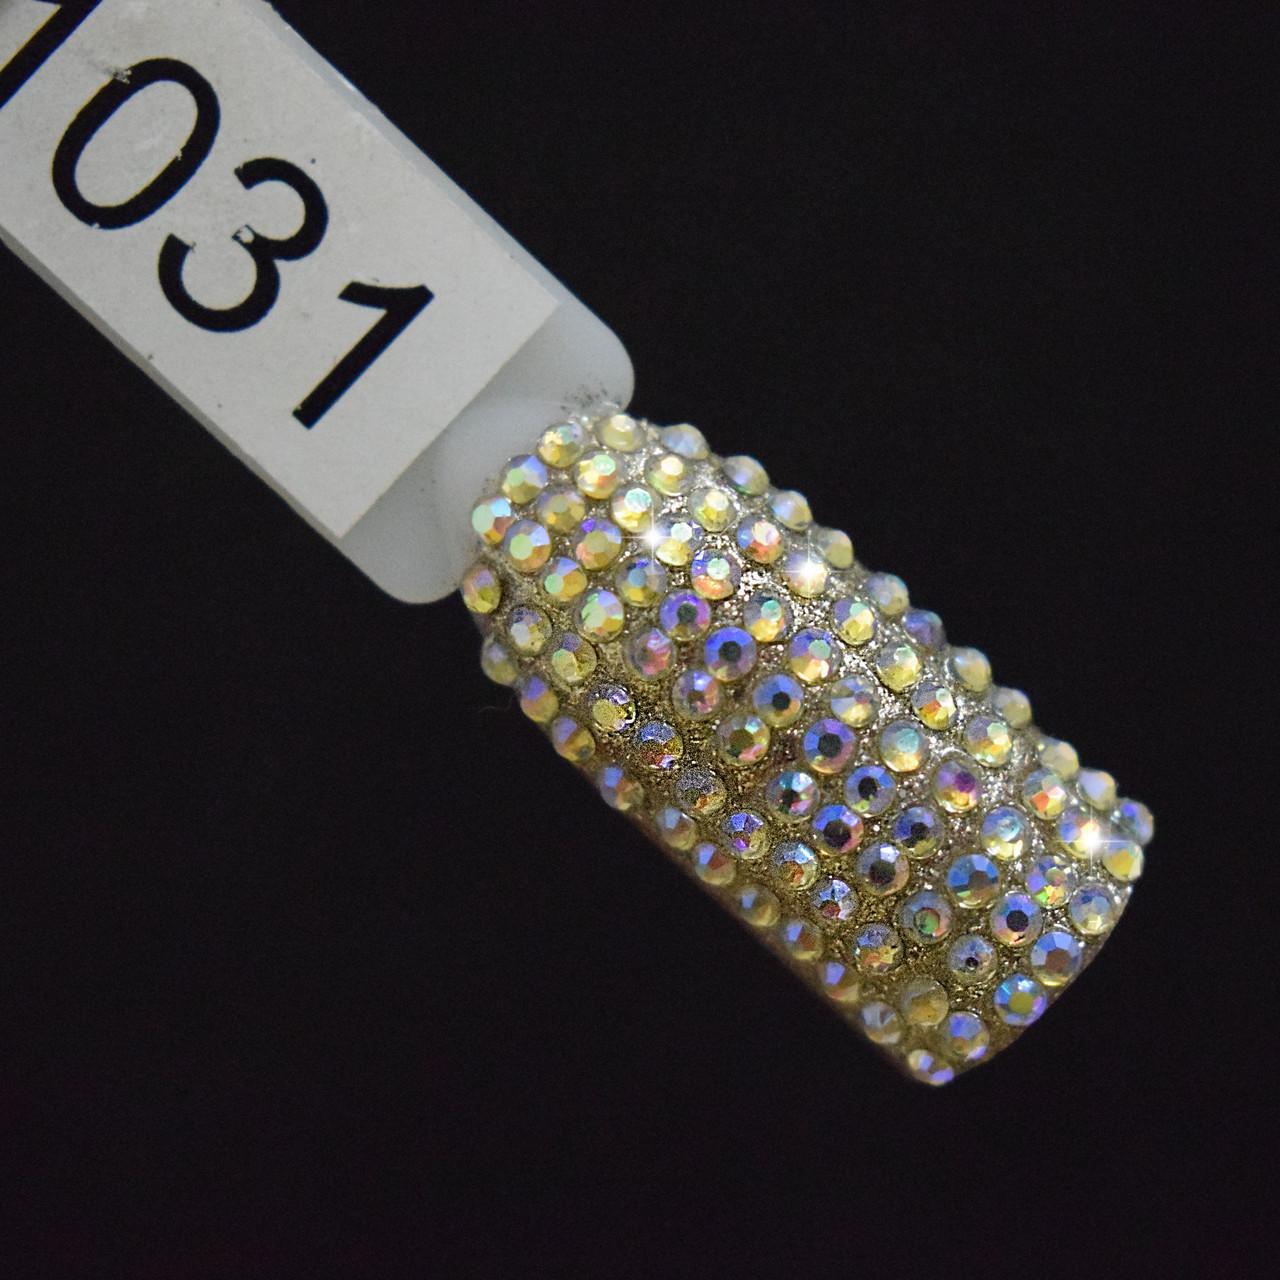 Стразы желтый хамелеон, SS4, 100 шт в упаковке